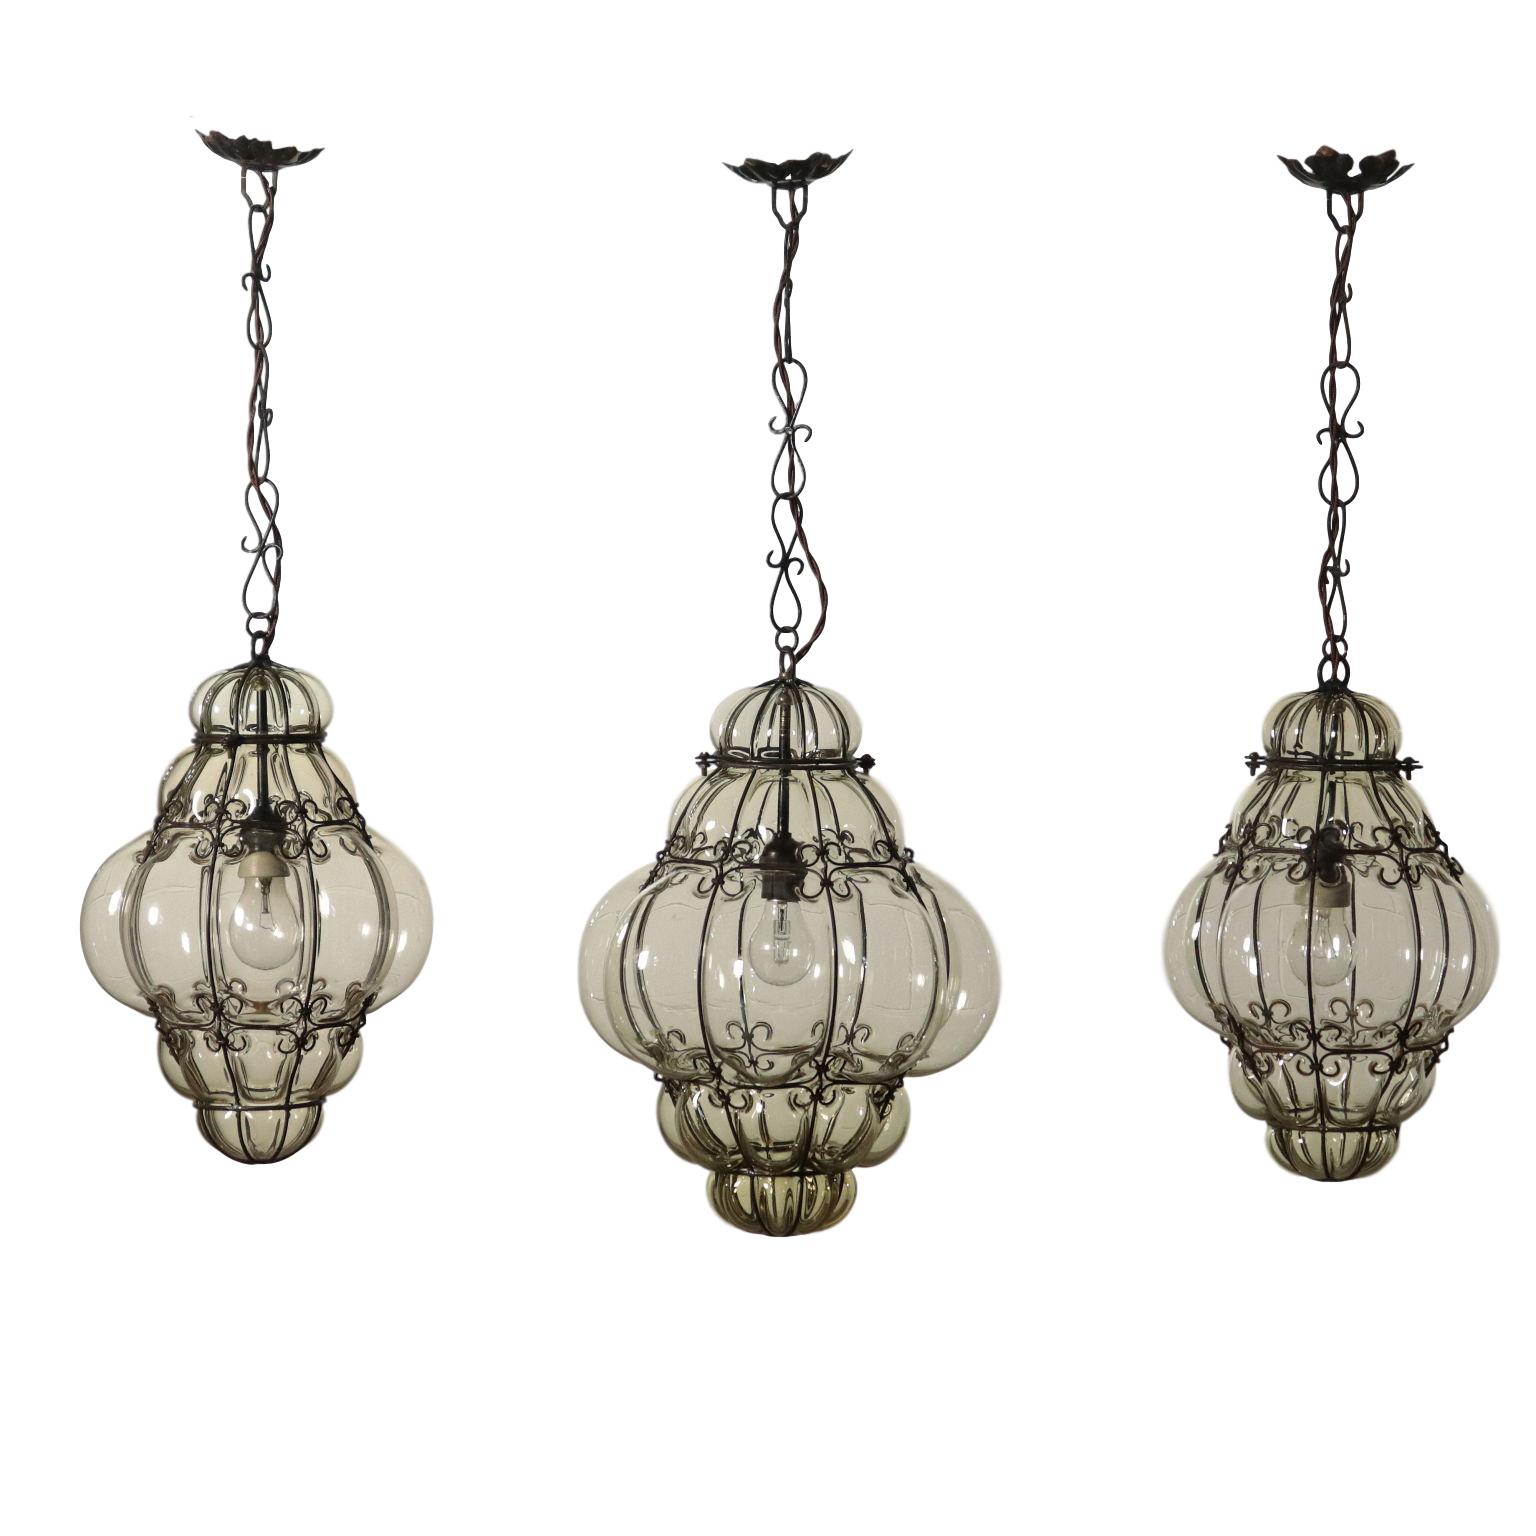 Gruppo tre Lanterne - Illuminazione - Bottega del 900 ...